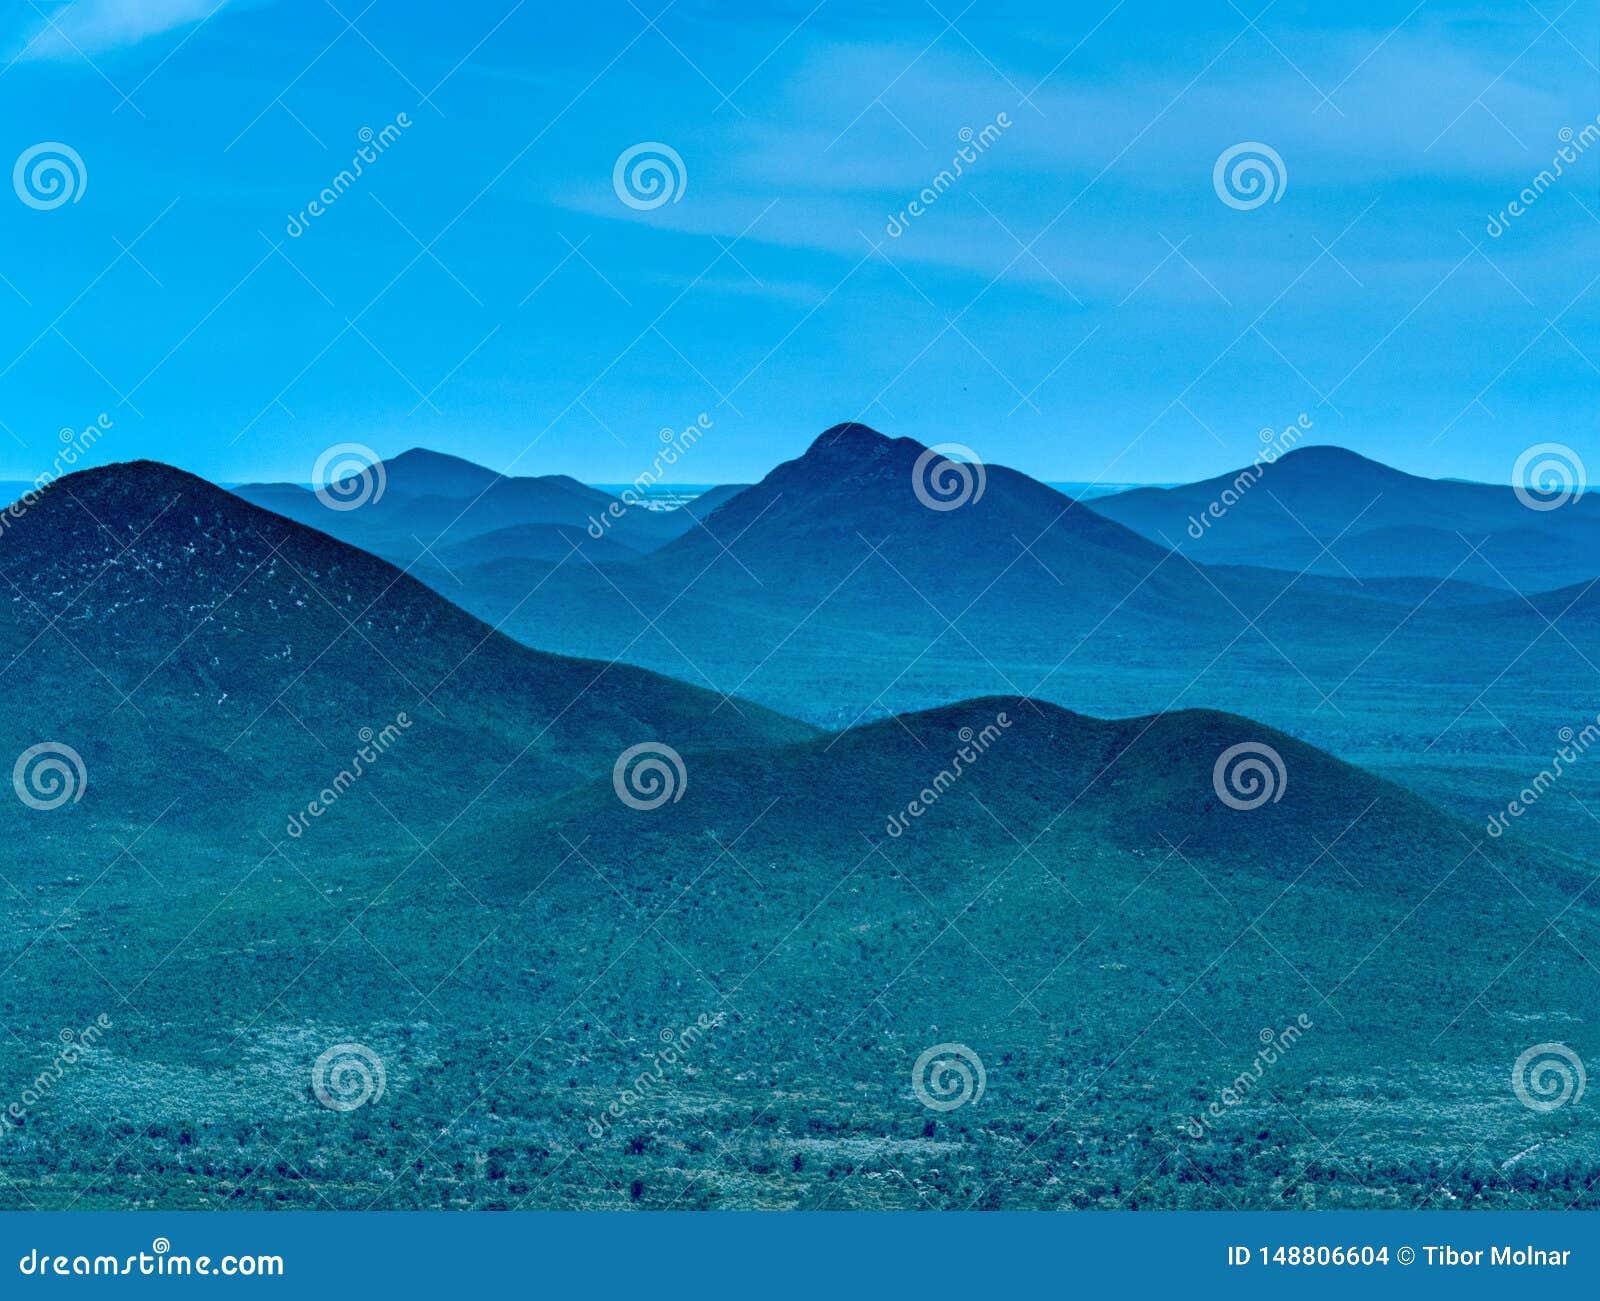 Σκιαγραφία τοπίων βουνών, στρώματα των κοιλάδων και μπλε ουρανός λόφων στο υπόβαθρο